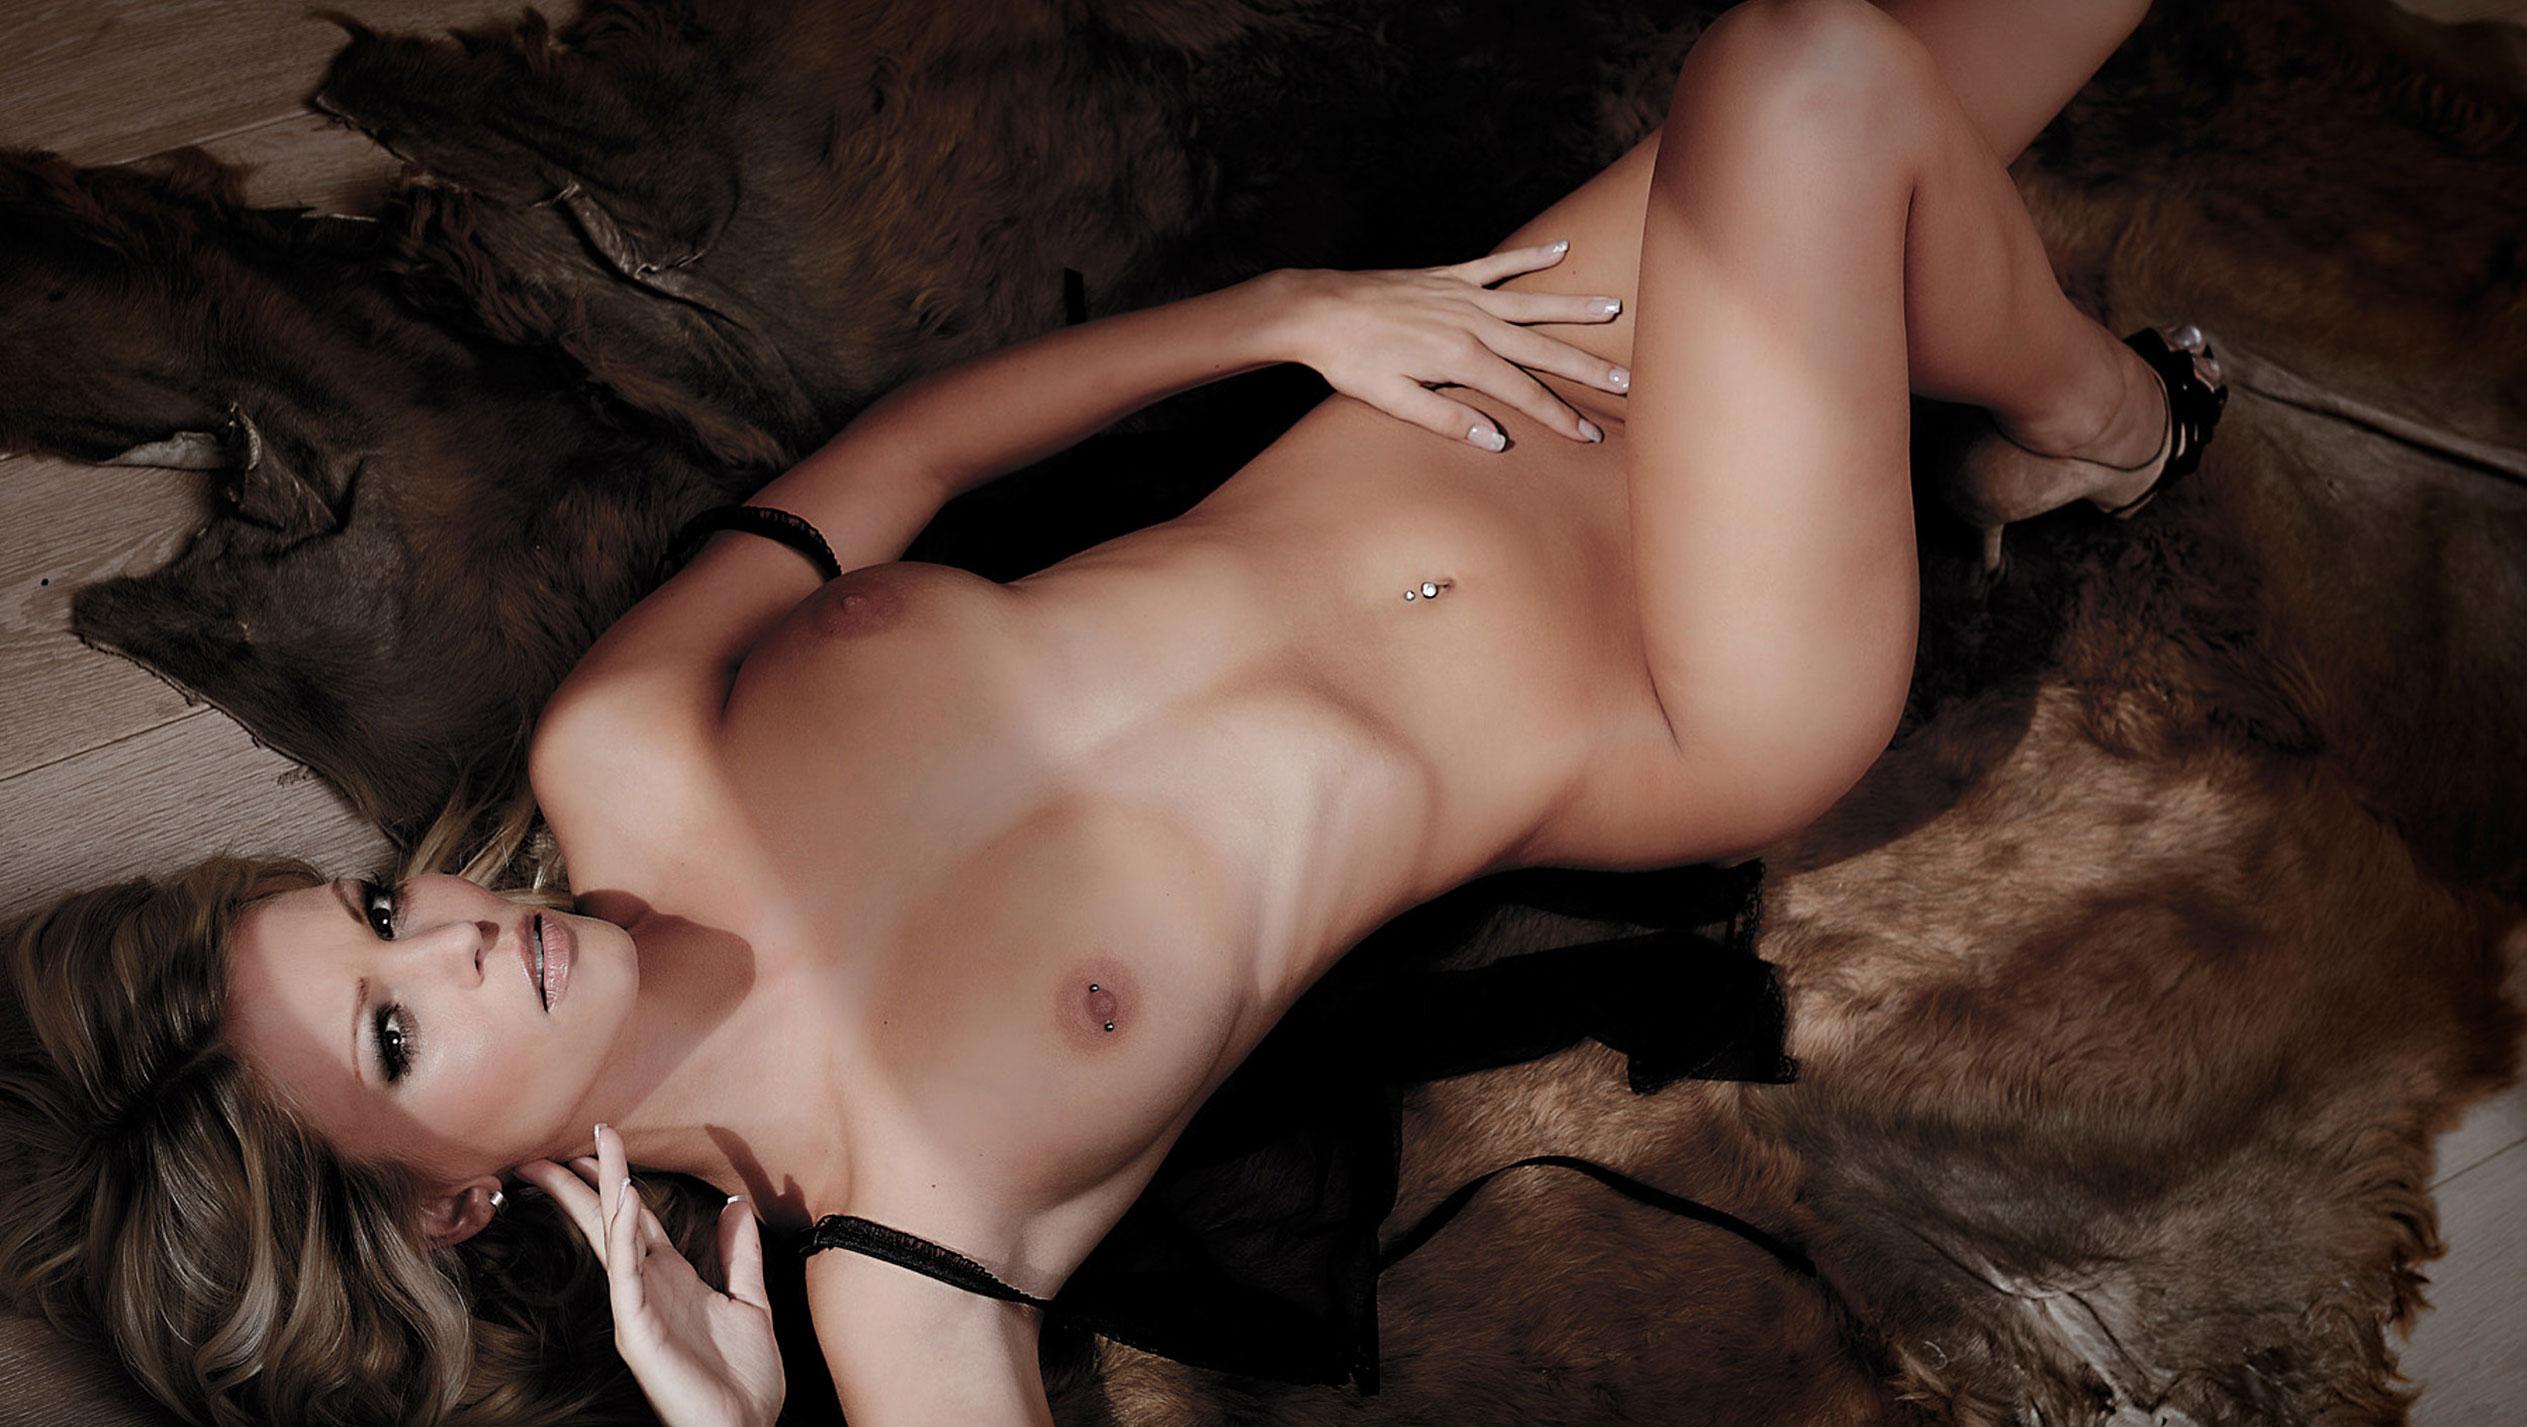 Нина Шваке - Девушка месяца немецкого Playboy, декабрь 2012 / фото 18